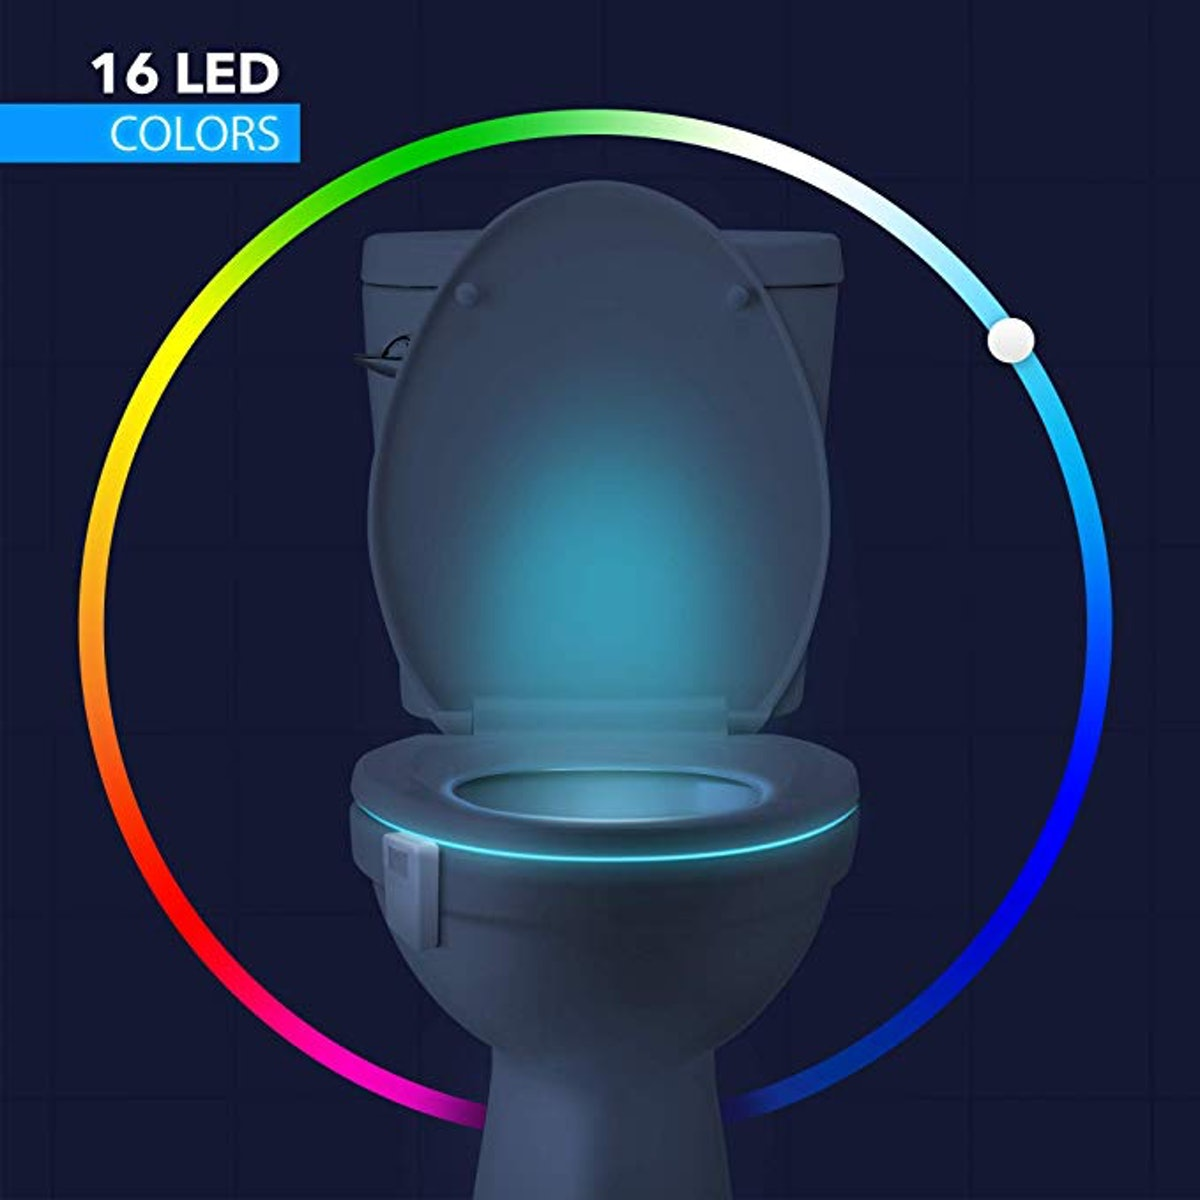 LumiLux Advanced 16-Color Motion Sensor